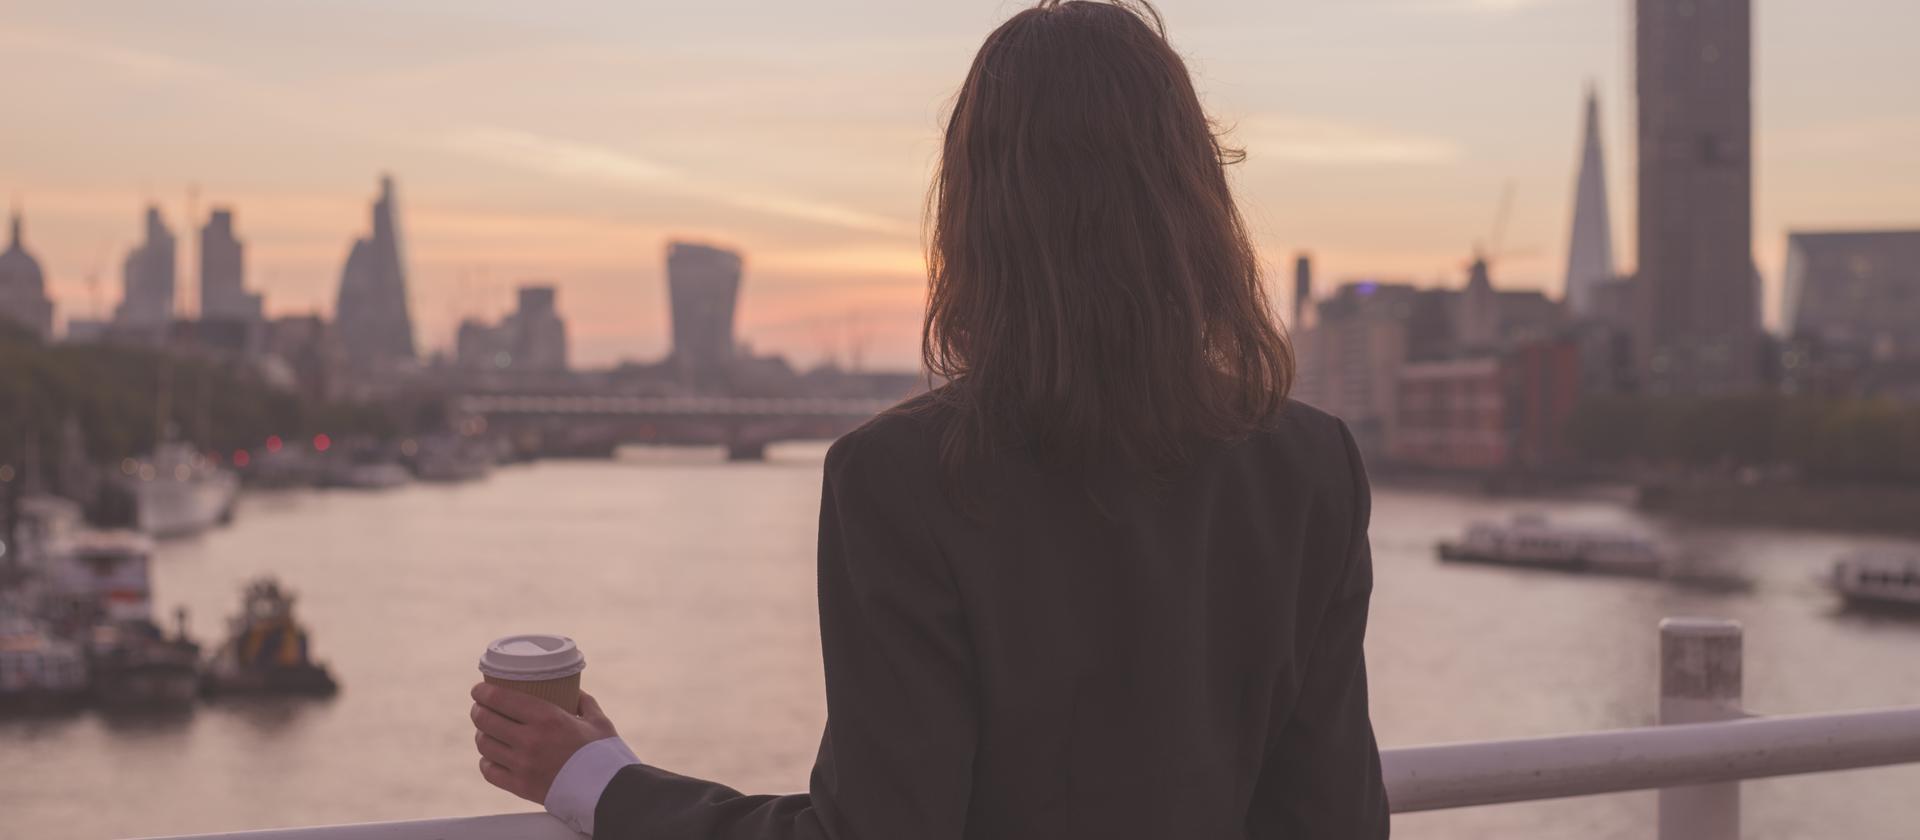 Im więcej kobiet na rynku pracy, tym lepiej dla gospodarki. Ale wciąż brakuje ich na szczycie biznesu